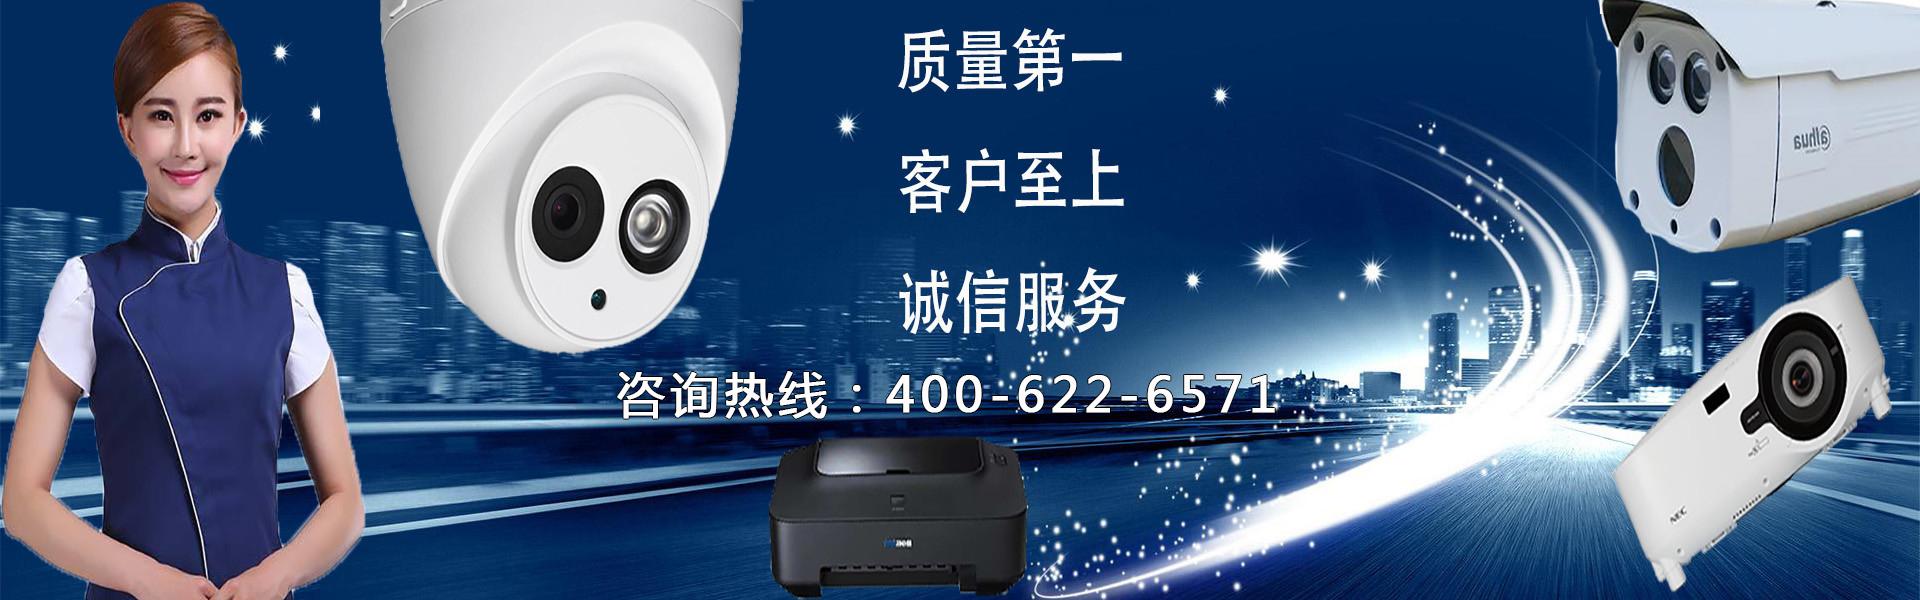 重庆监控/投影仪/道闸设备公司质量可靠